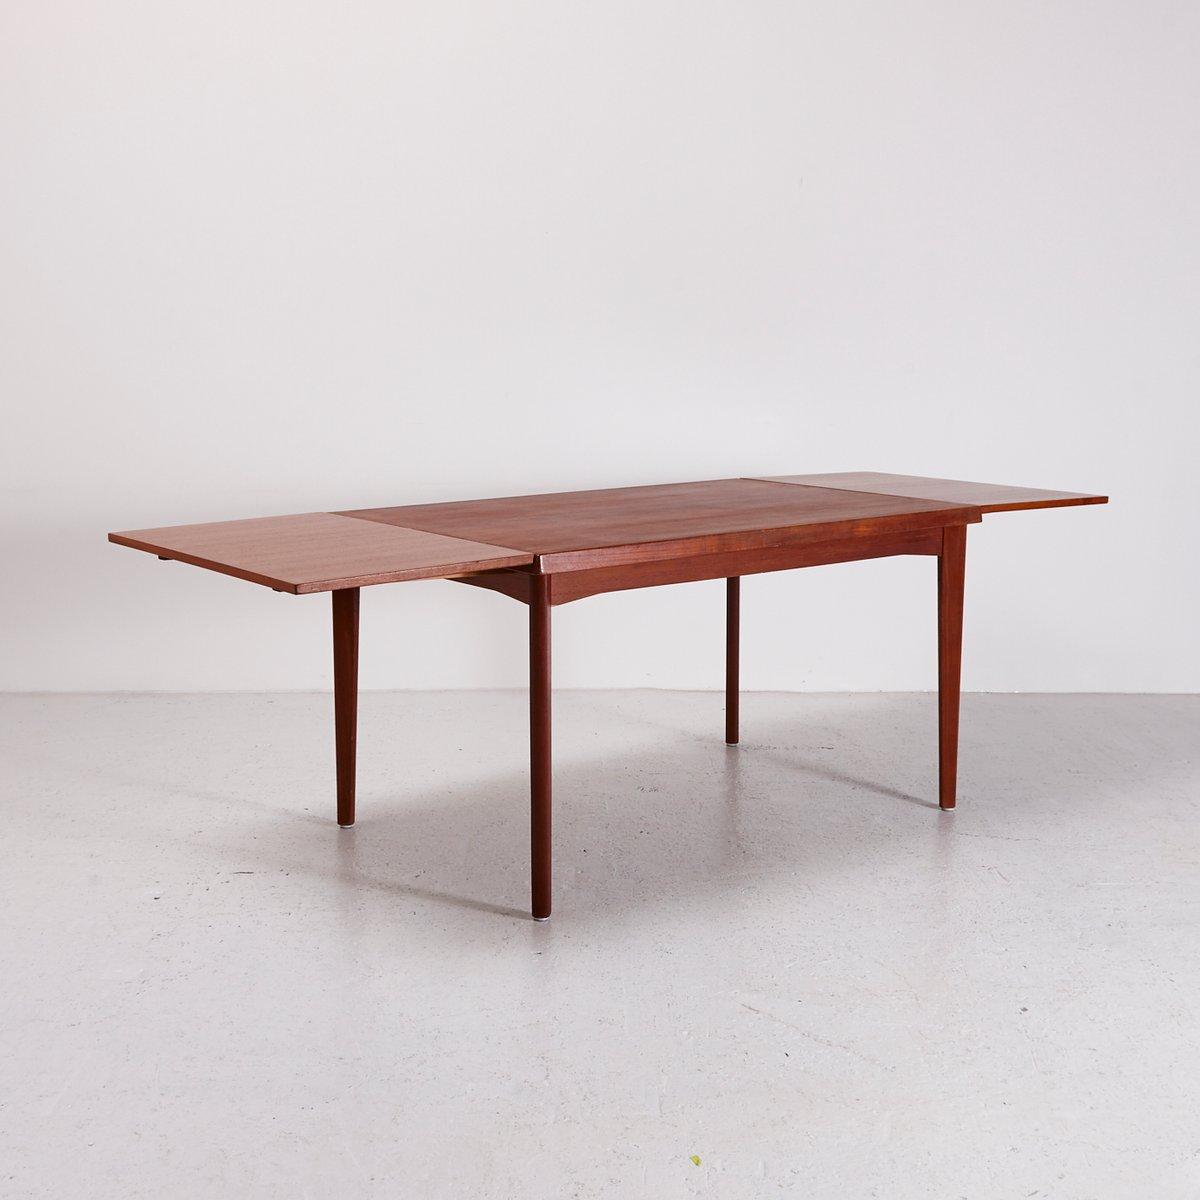 ausziehbarer esstisch aus teak von henning kj rnulf f r. Black Bedroom Furniture Sets. Home Design Ideas